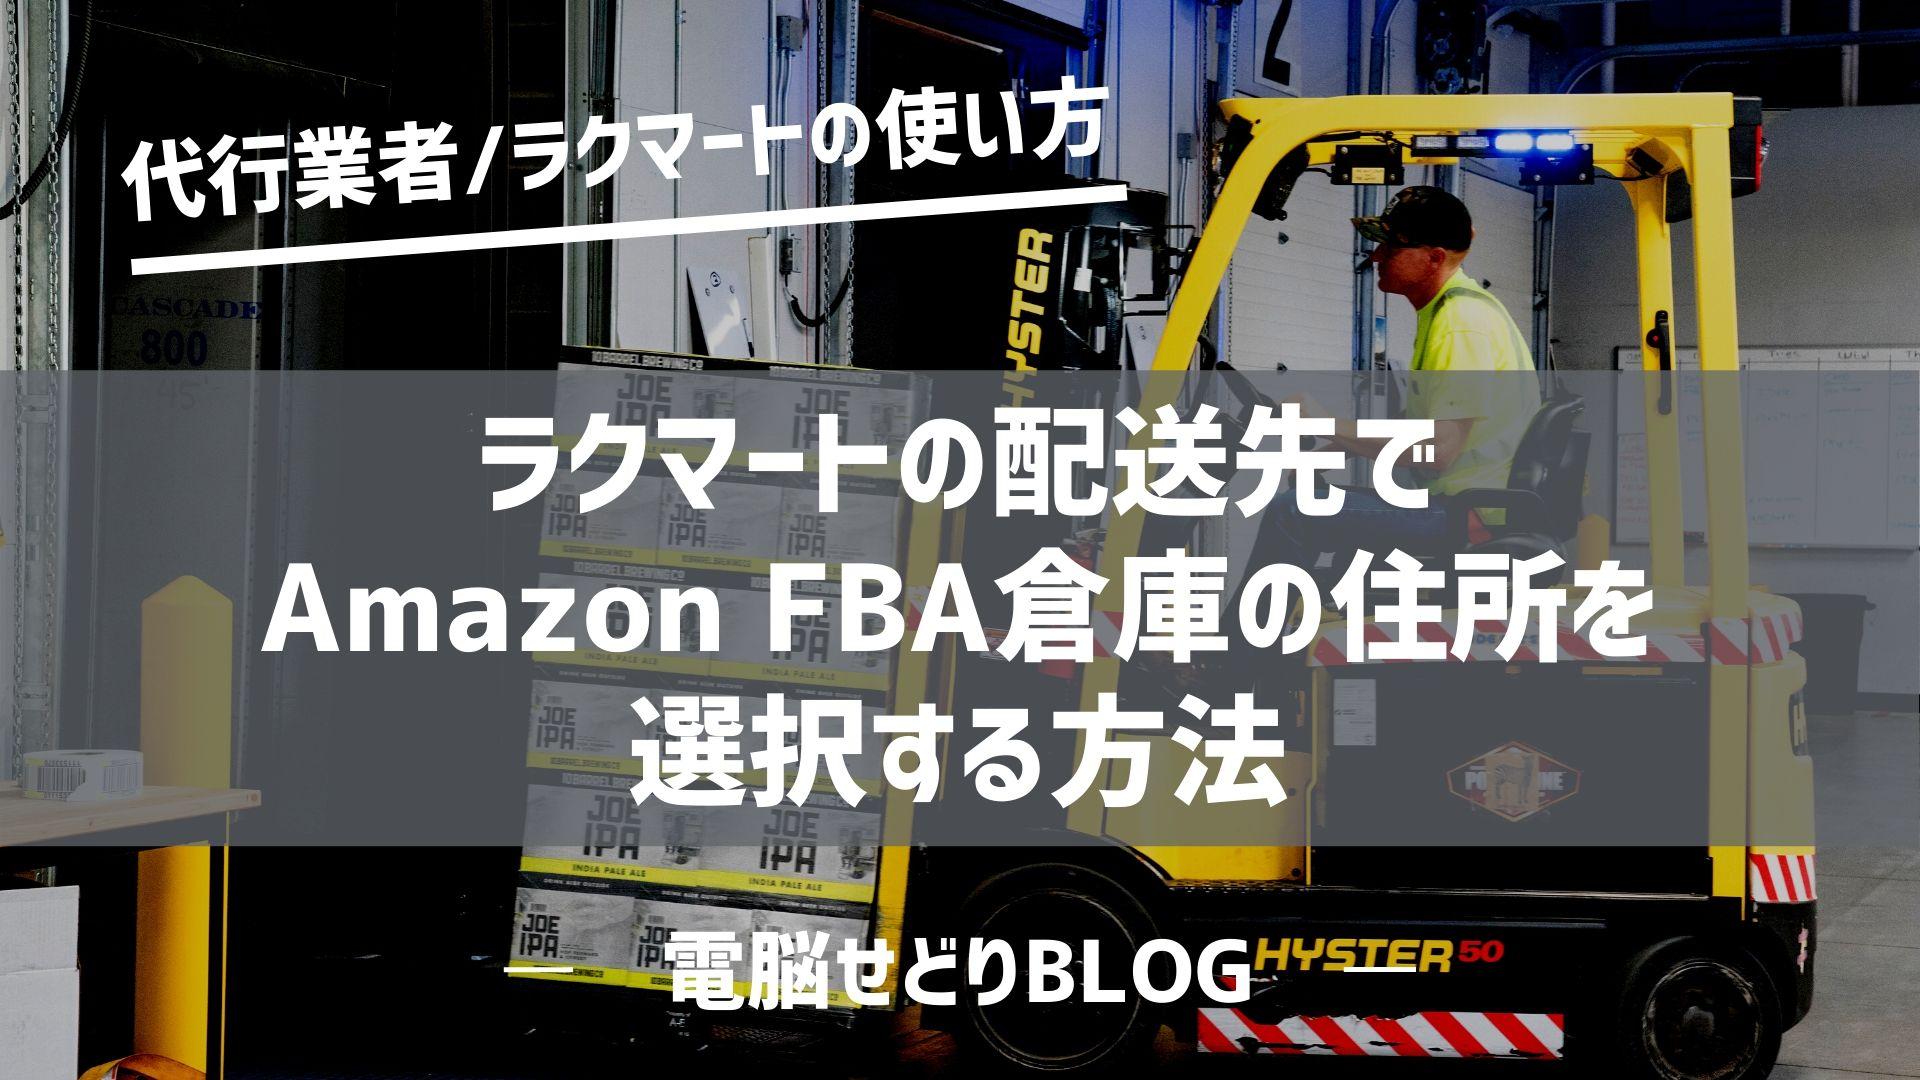 ラクマートの配送先でAmazon FBA倉庫の住所を選択する方法